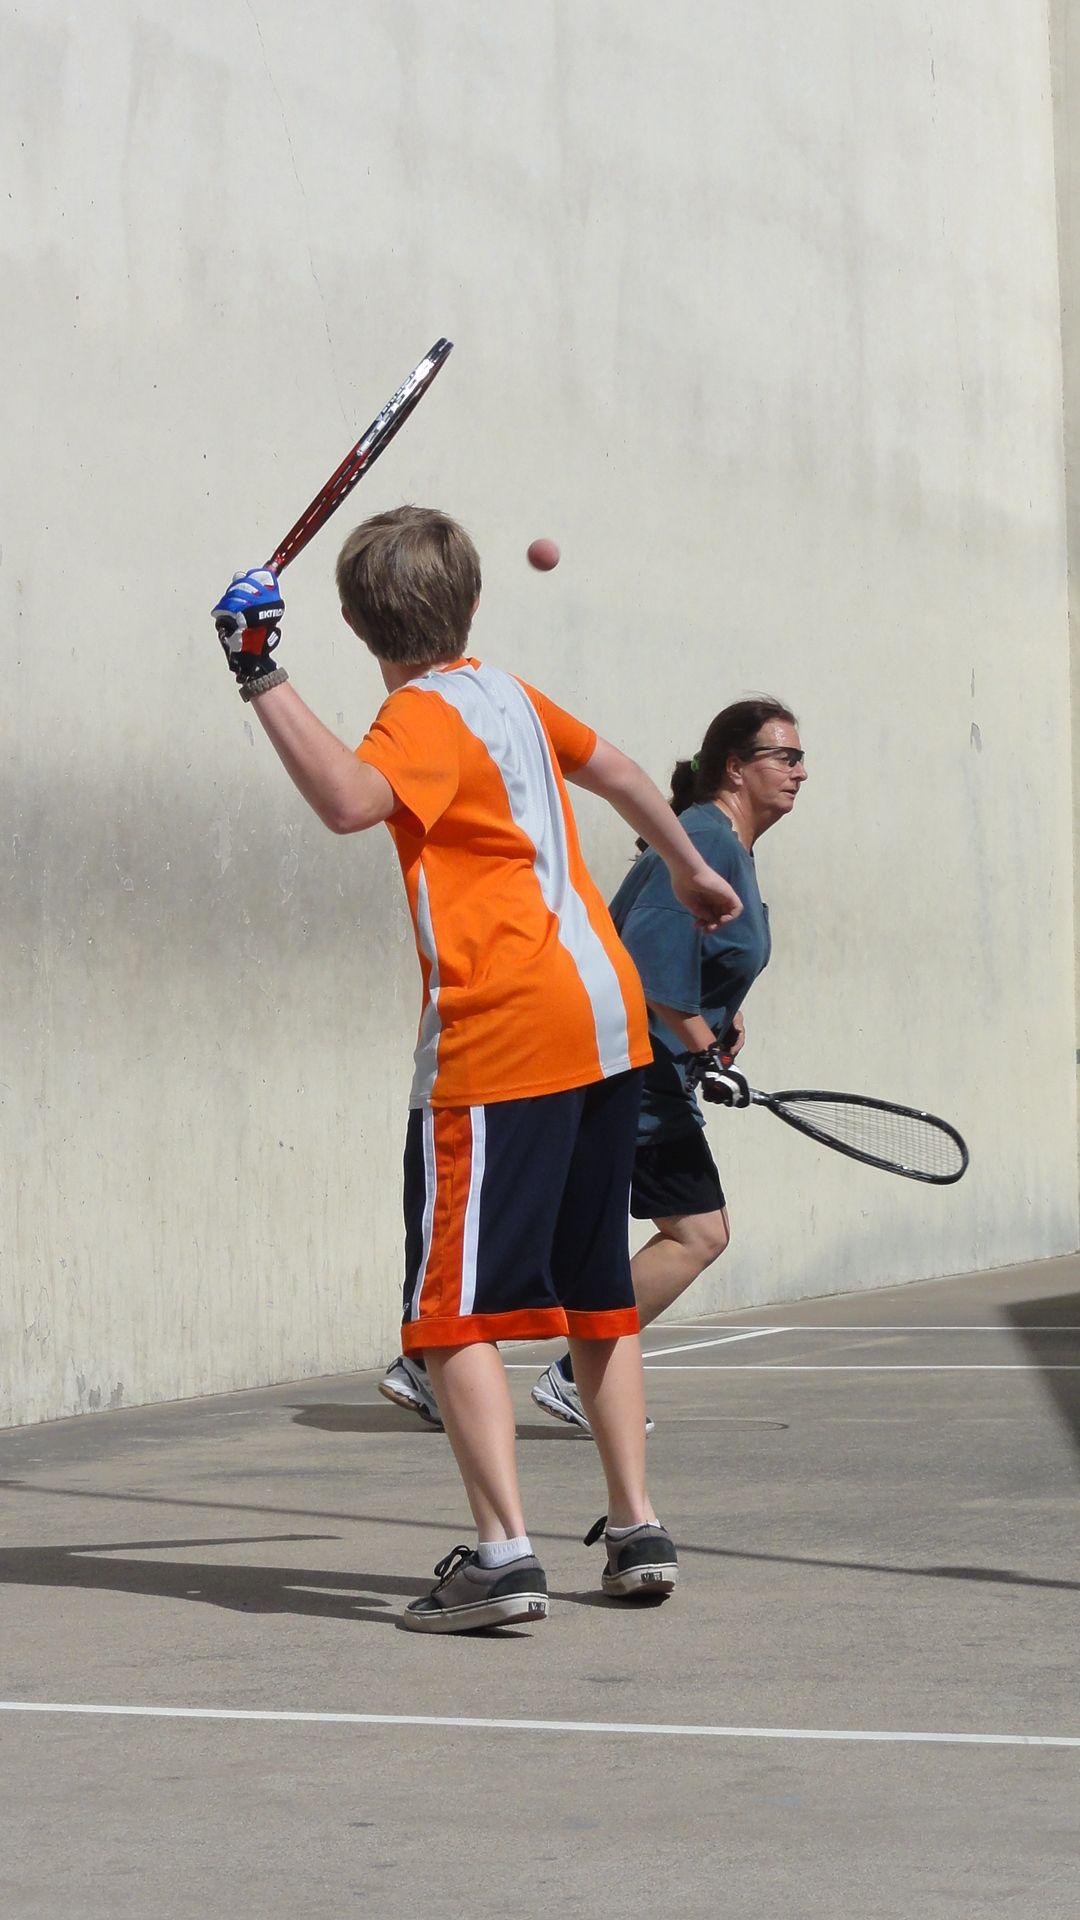 Fun for everyone racquetball arizona outdoor